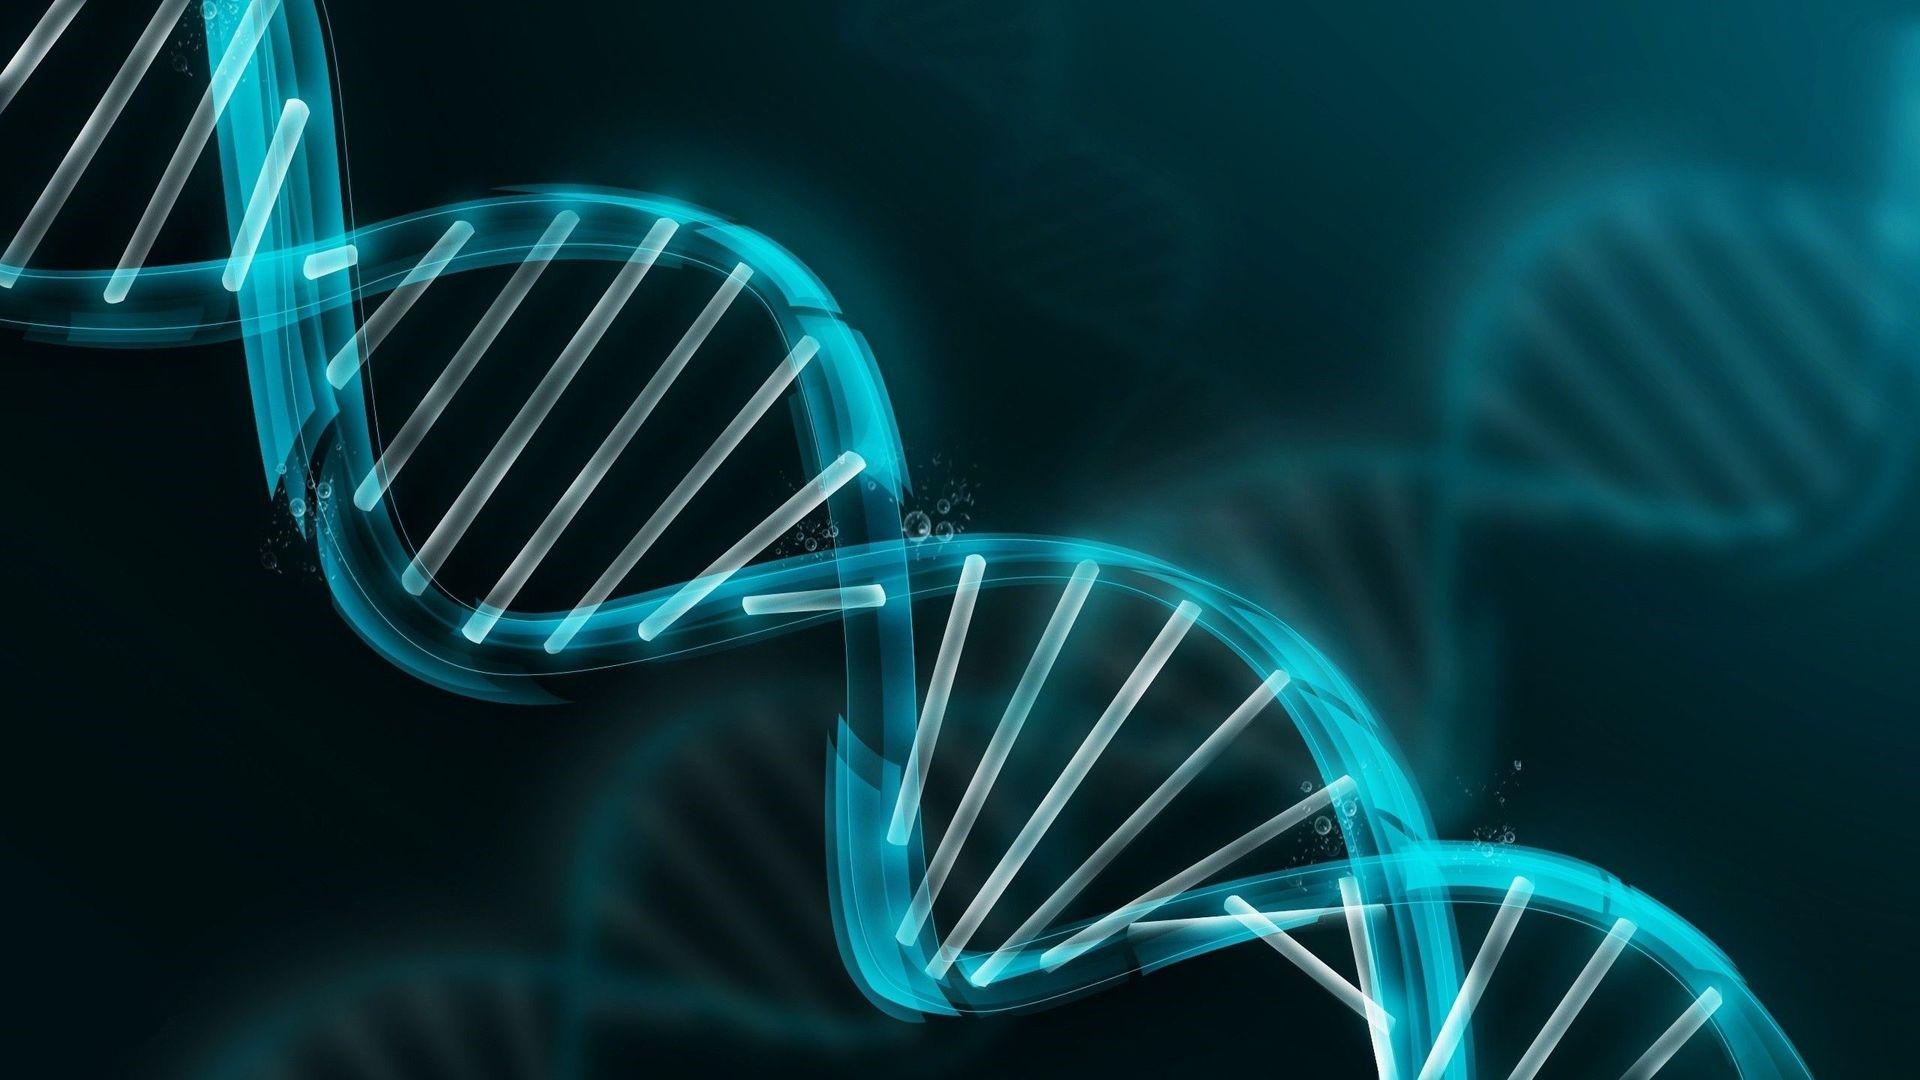 A pesquisa genética pode diagnosticar o câncer precocemente